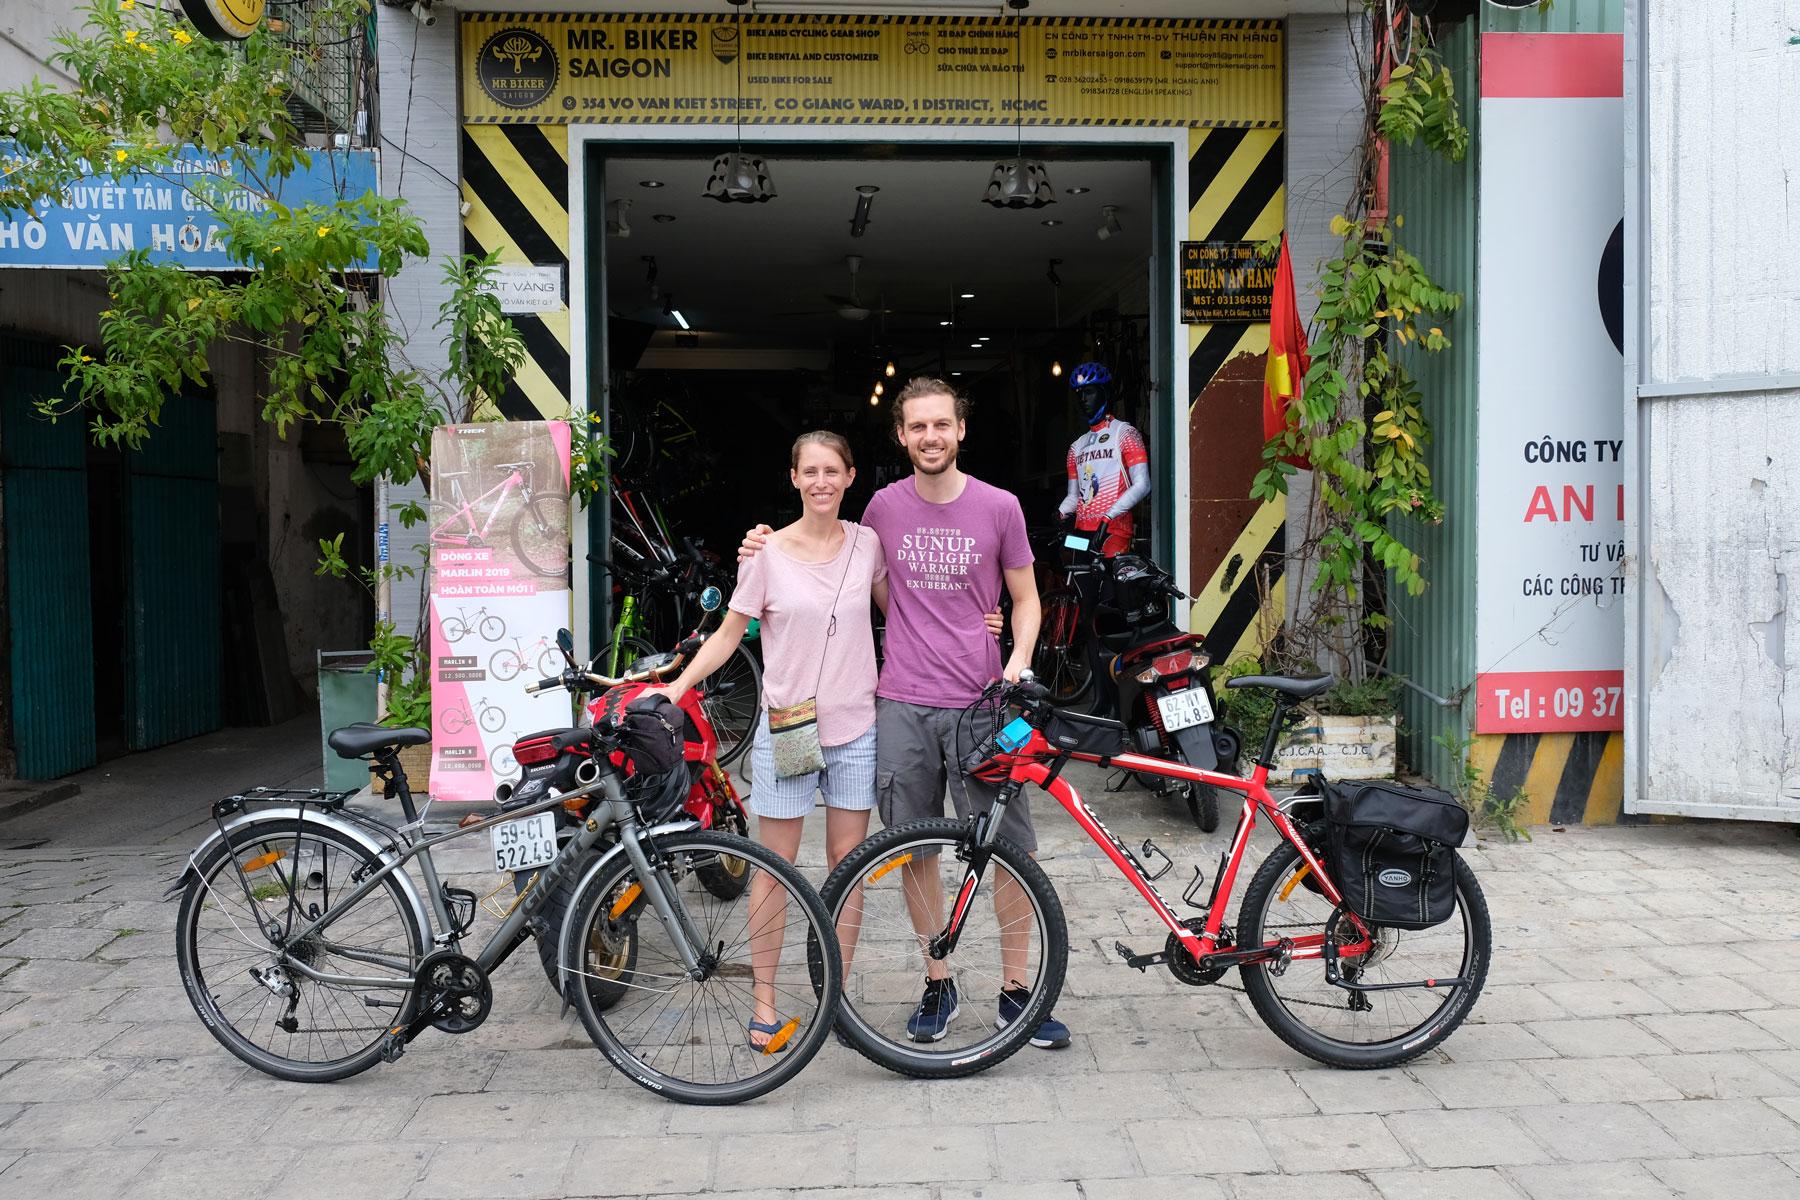 Leo und Sebastian stehen mit ihren eben gekauften Fahrrädern von dem Geschäft in Ho-Chi-Minh-City in Vietnam.